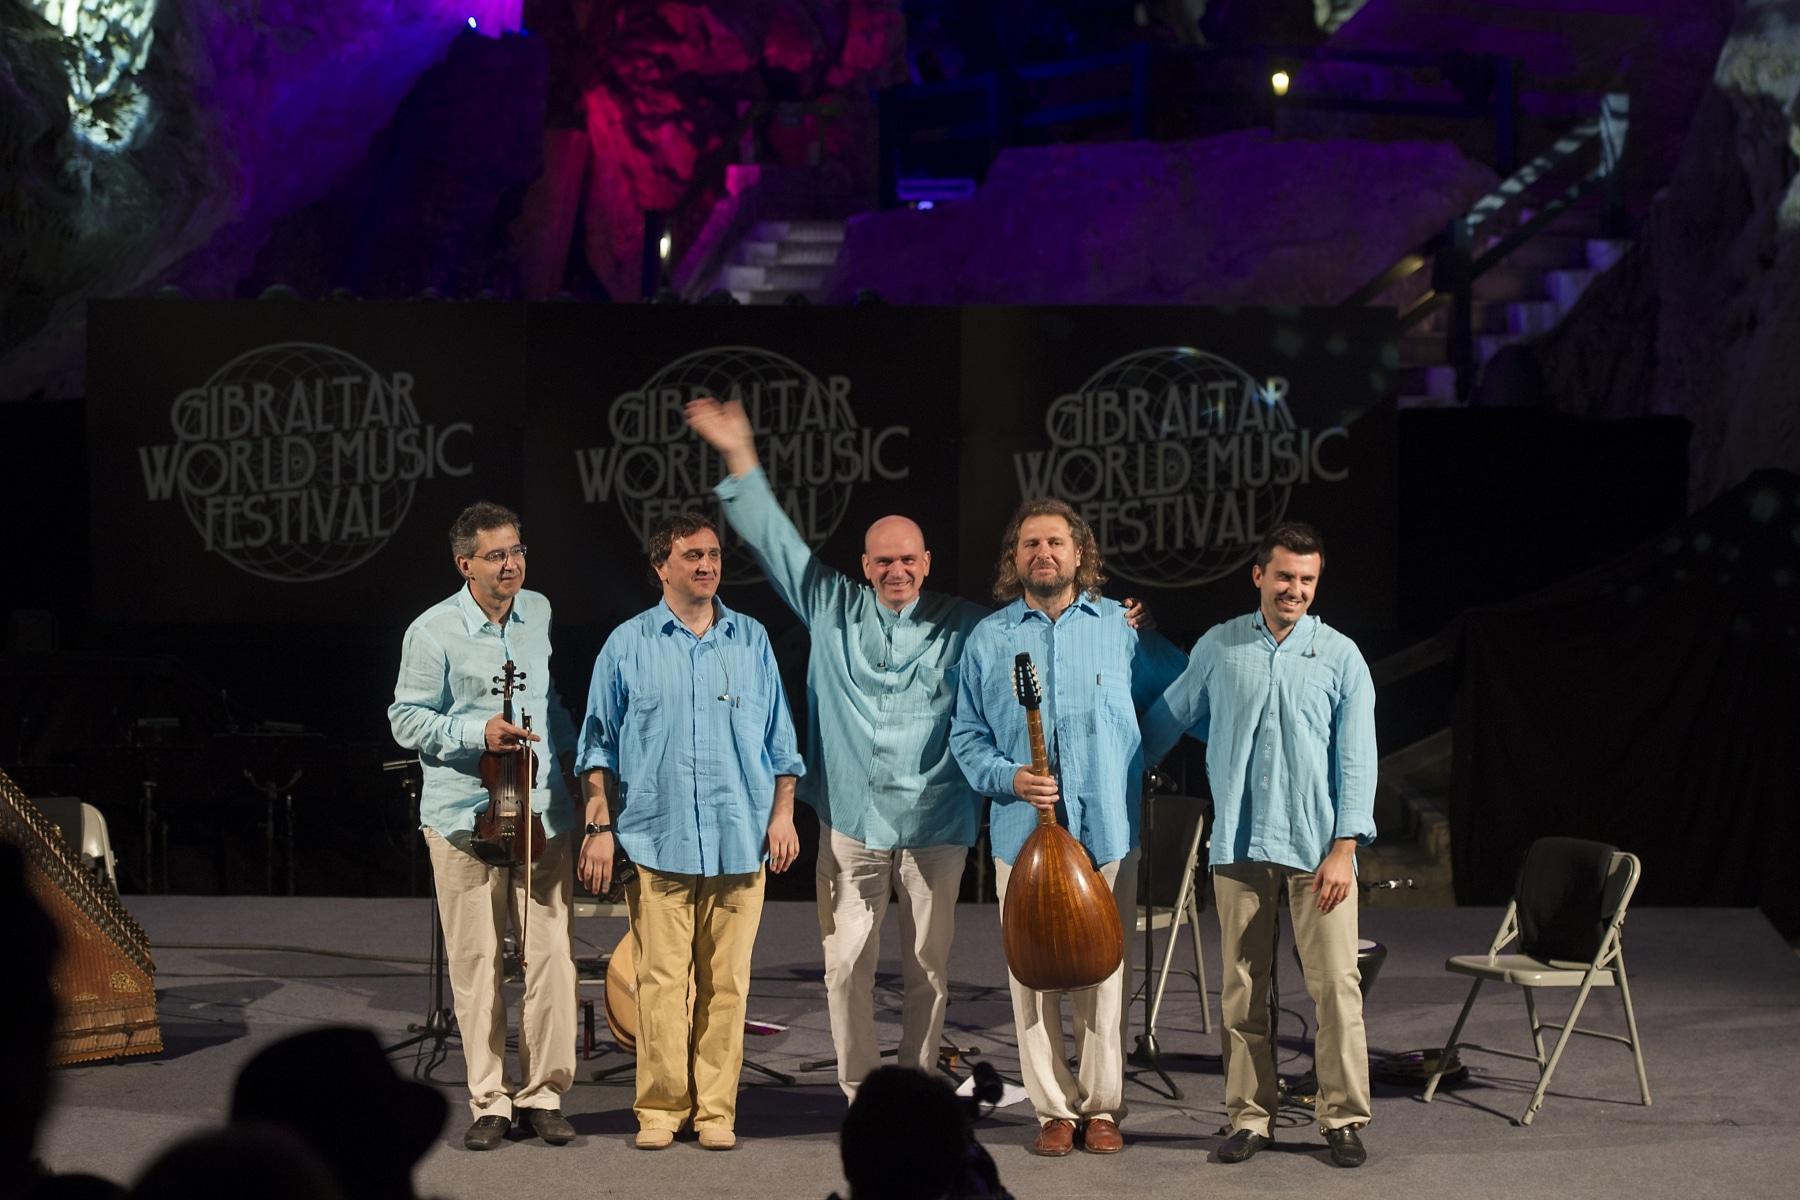 gibraltar-world-music-festival-dia-1-en-chordais-16_9225440822_o